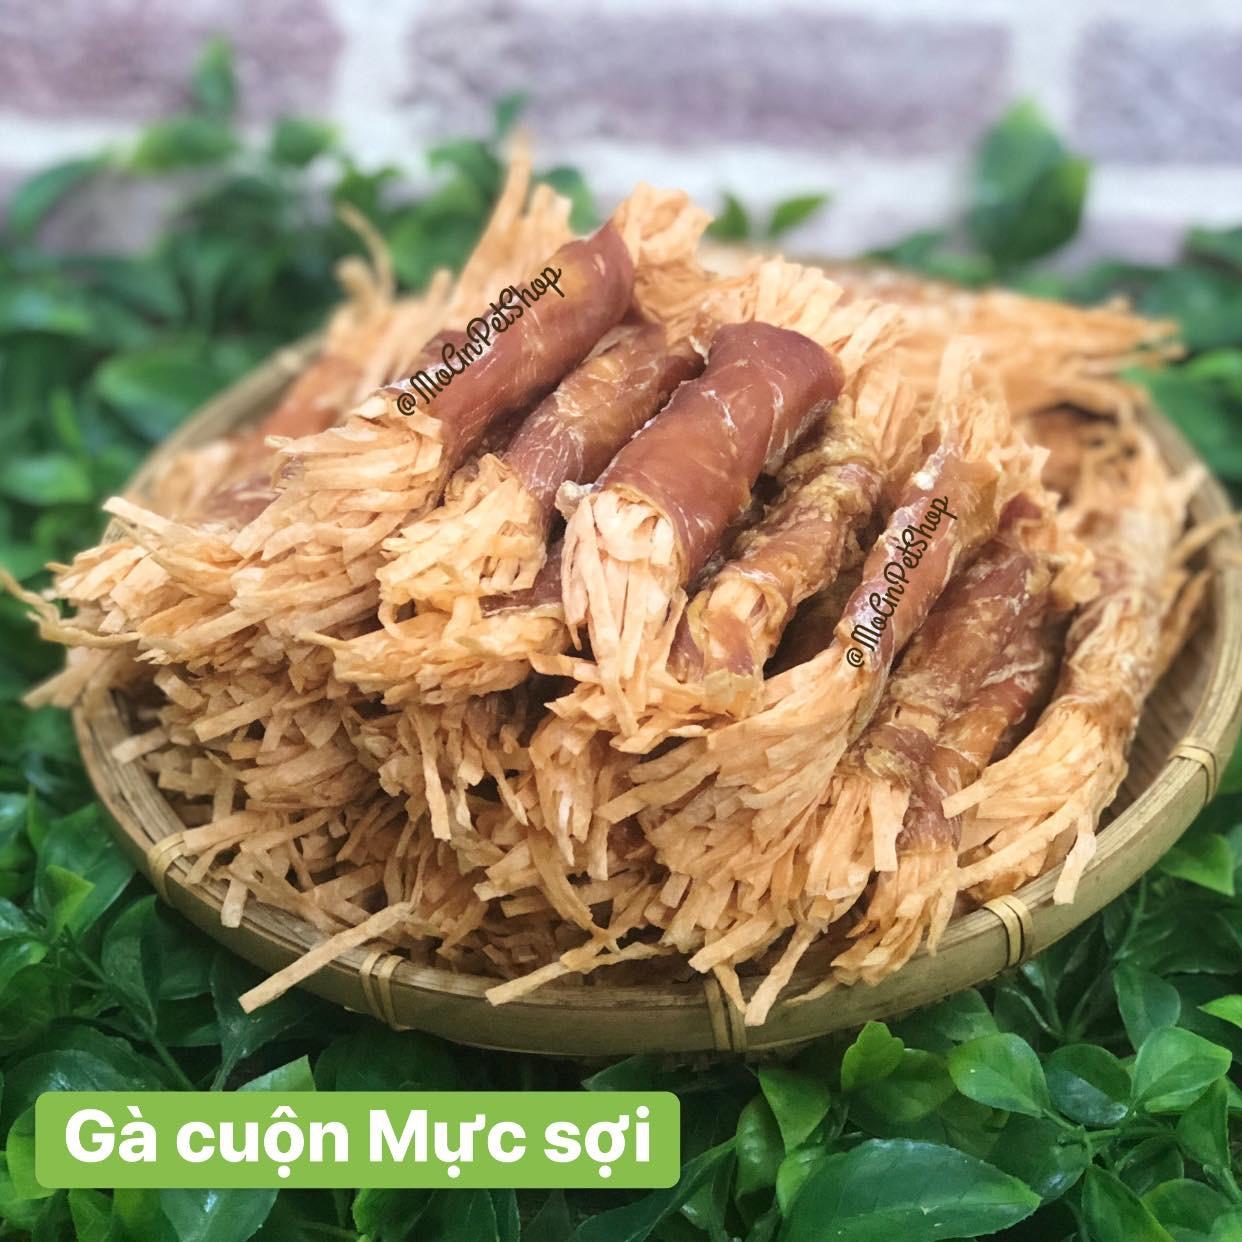 Gà cuộn Mực sợi Thái Lan